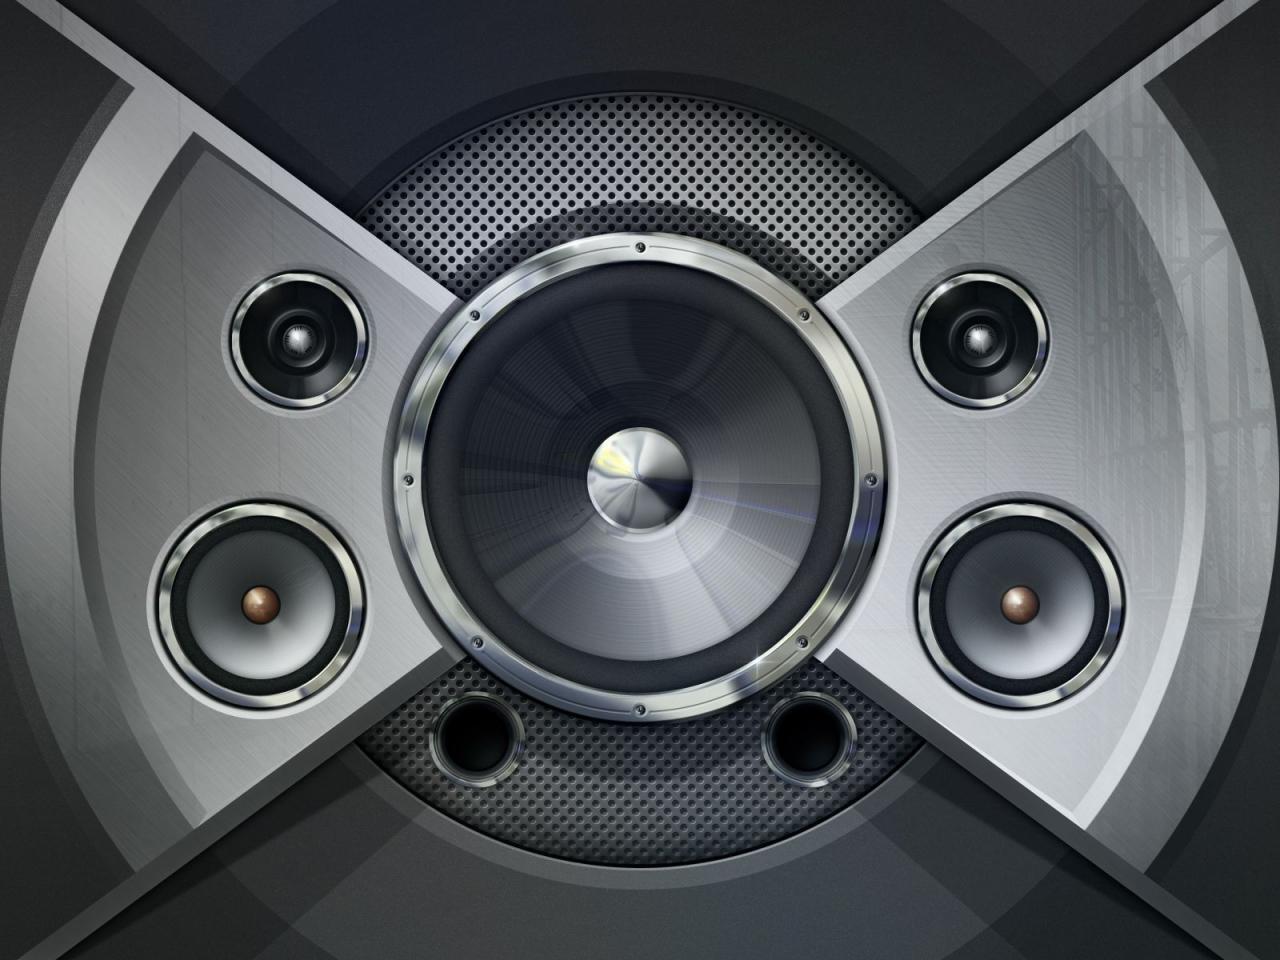 Diseño de un parlante - 1280x960